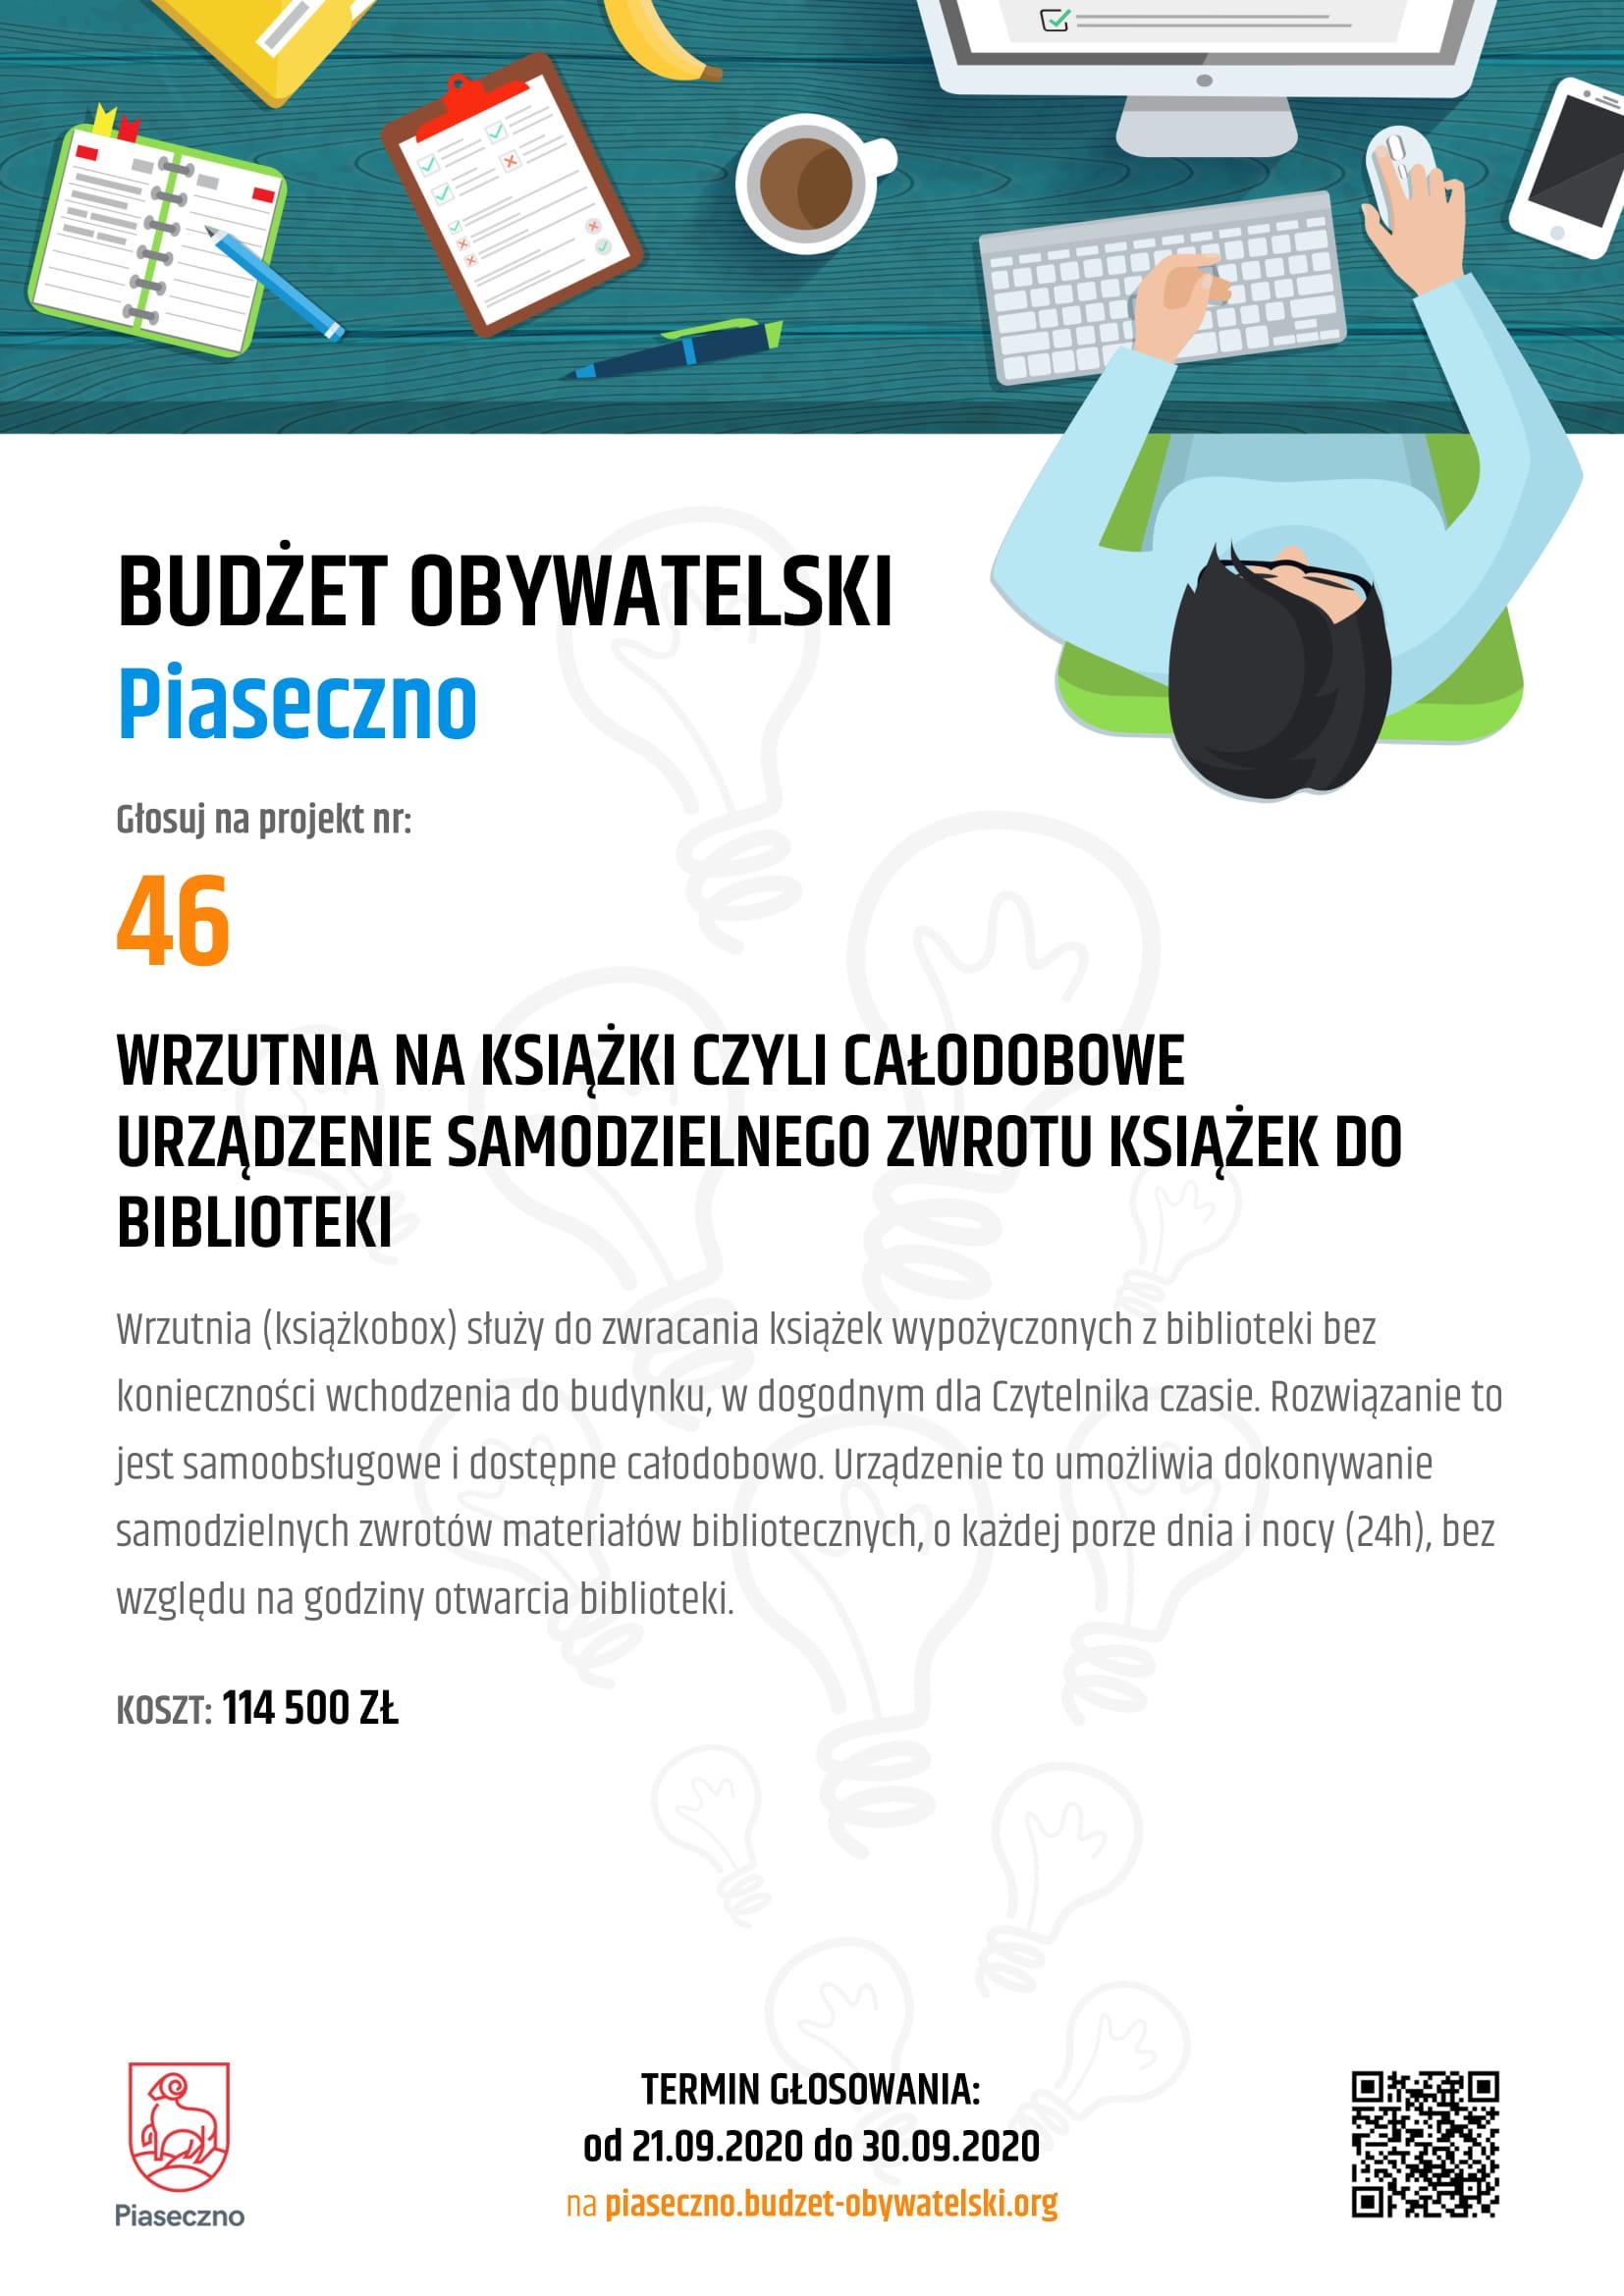 Plakat Budżet Obywatelski Piaseczno 46 Wrzutnia